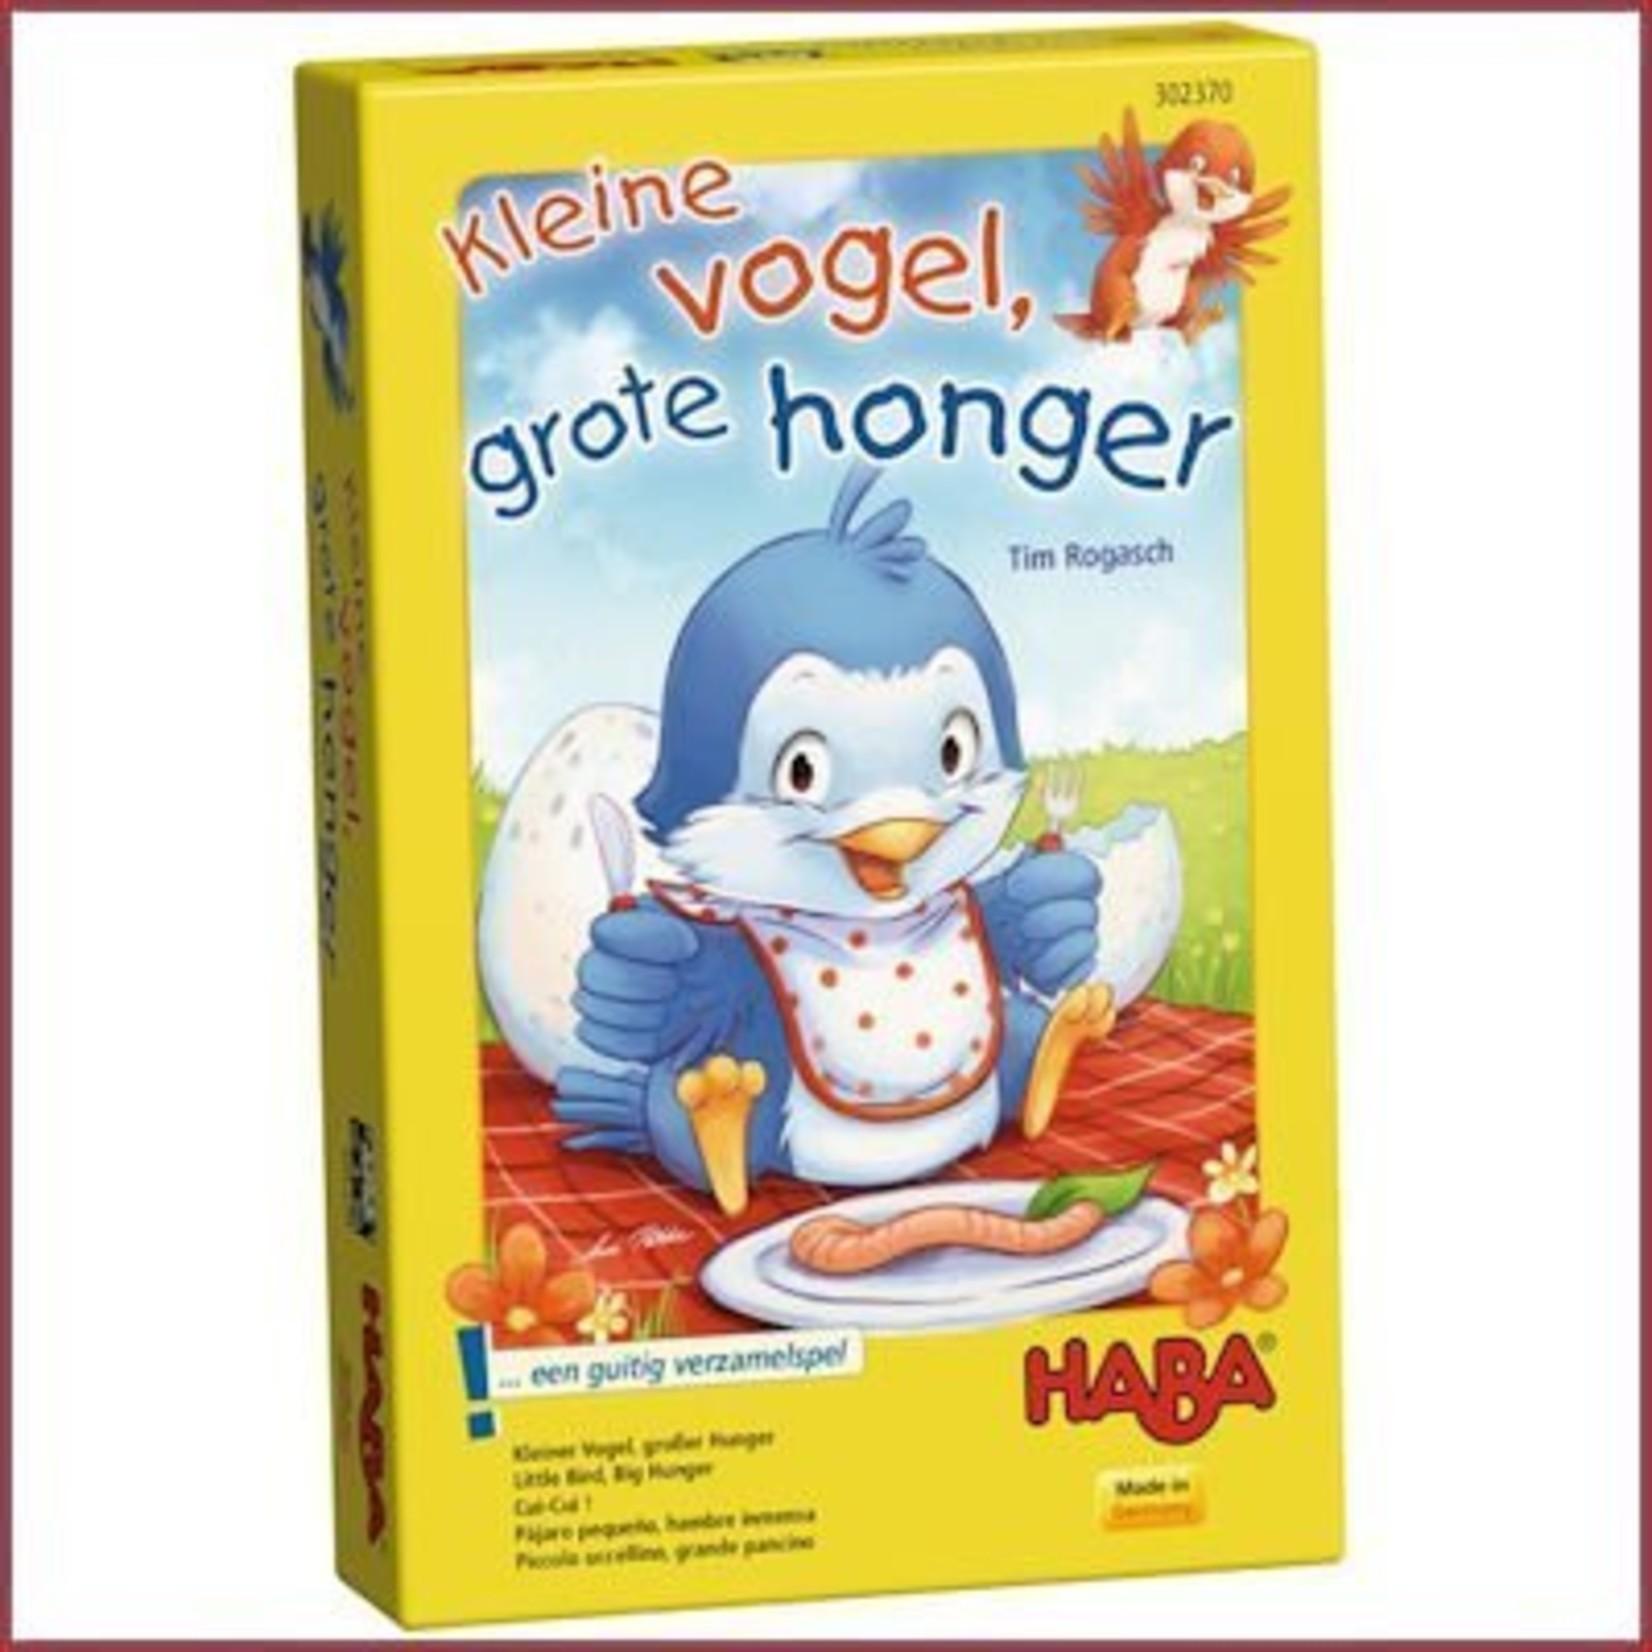 Haba Spel - Kleine vogel, grote honger